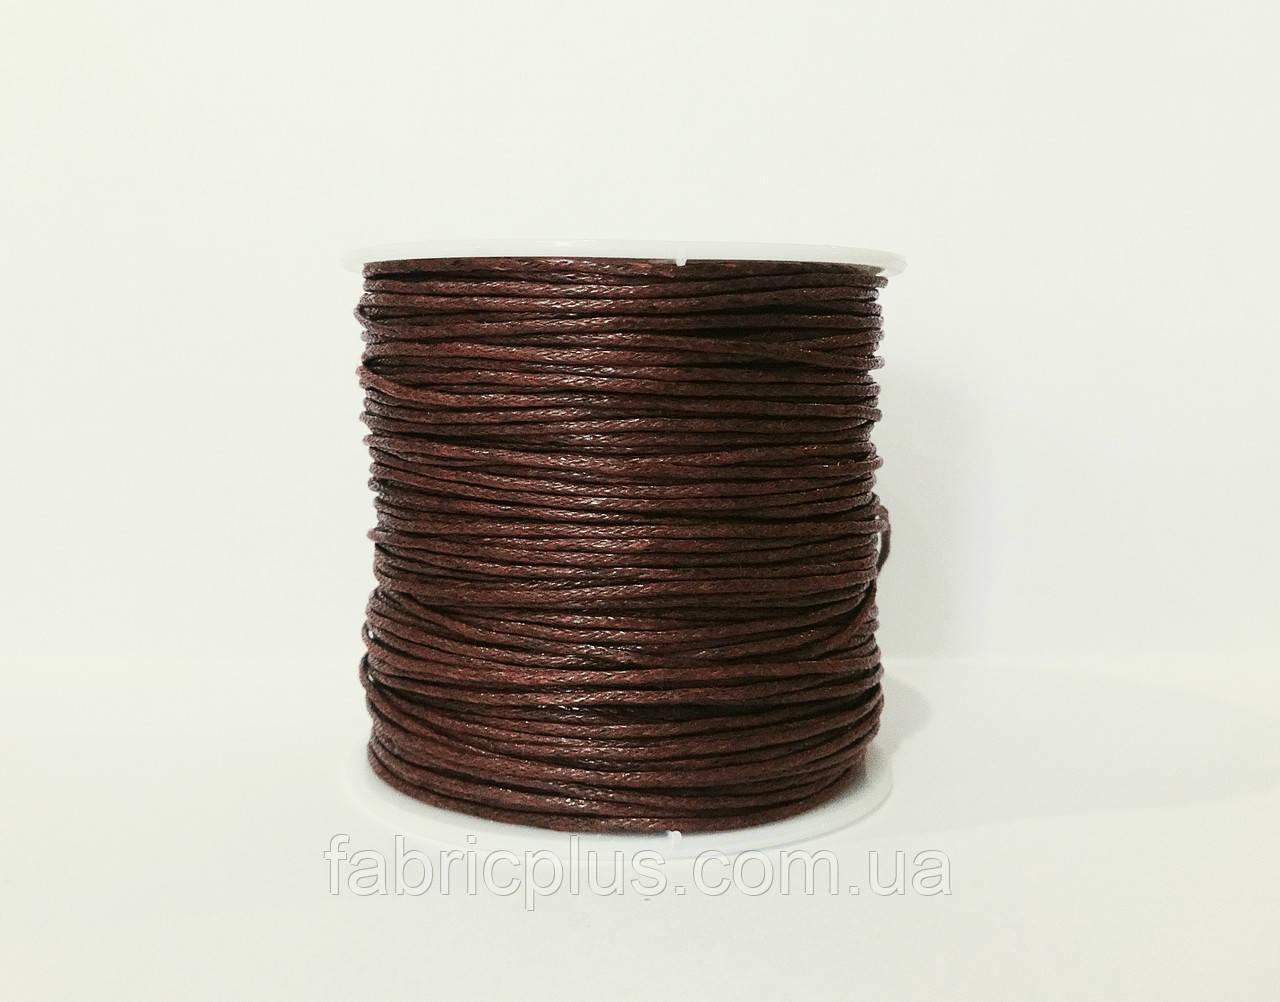 Шнур вощеный 1,2 мм для шамболы, коричневый